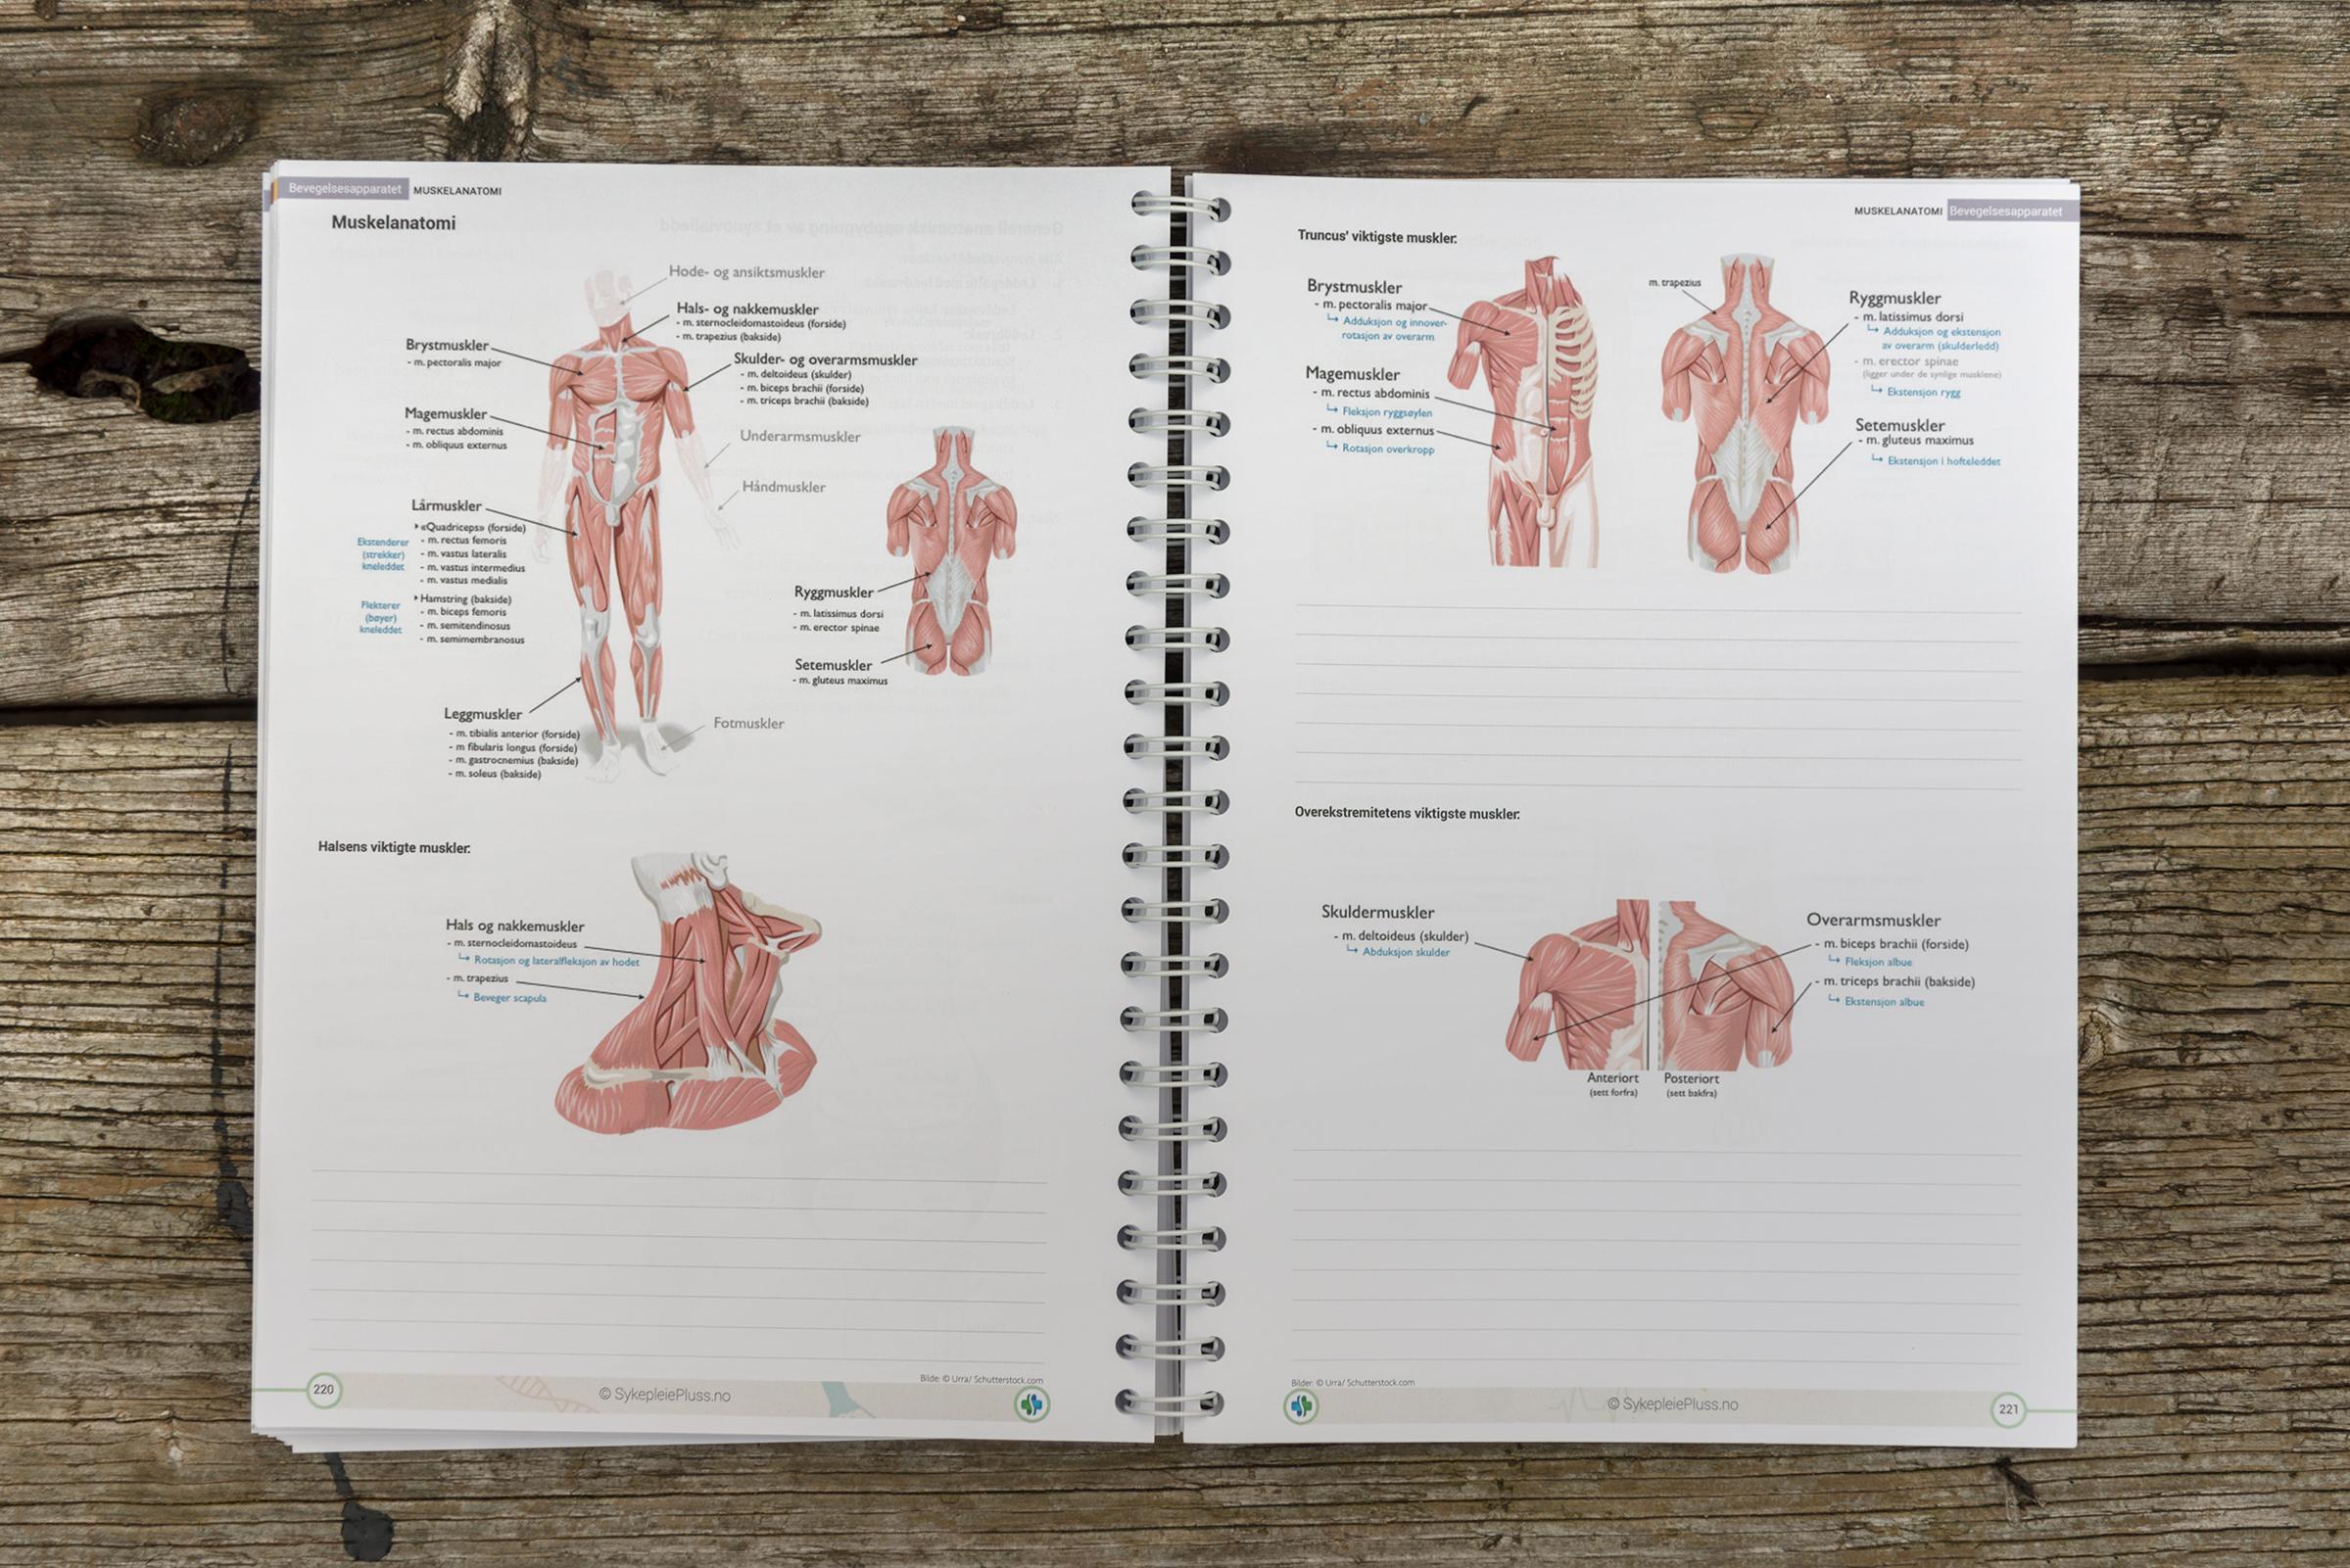 Kompendium i anatomi og fysiologi